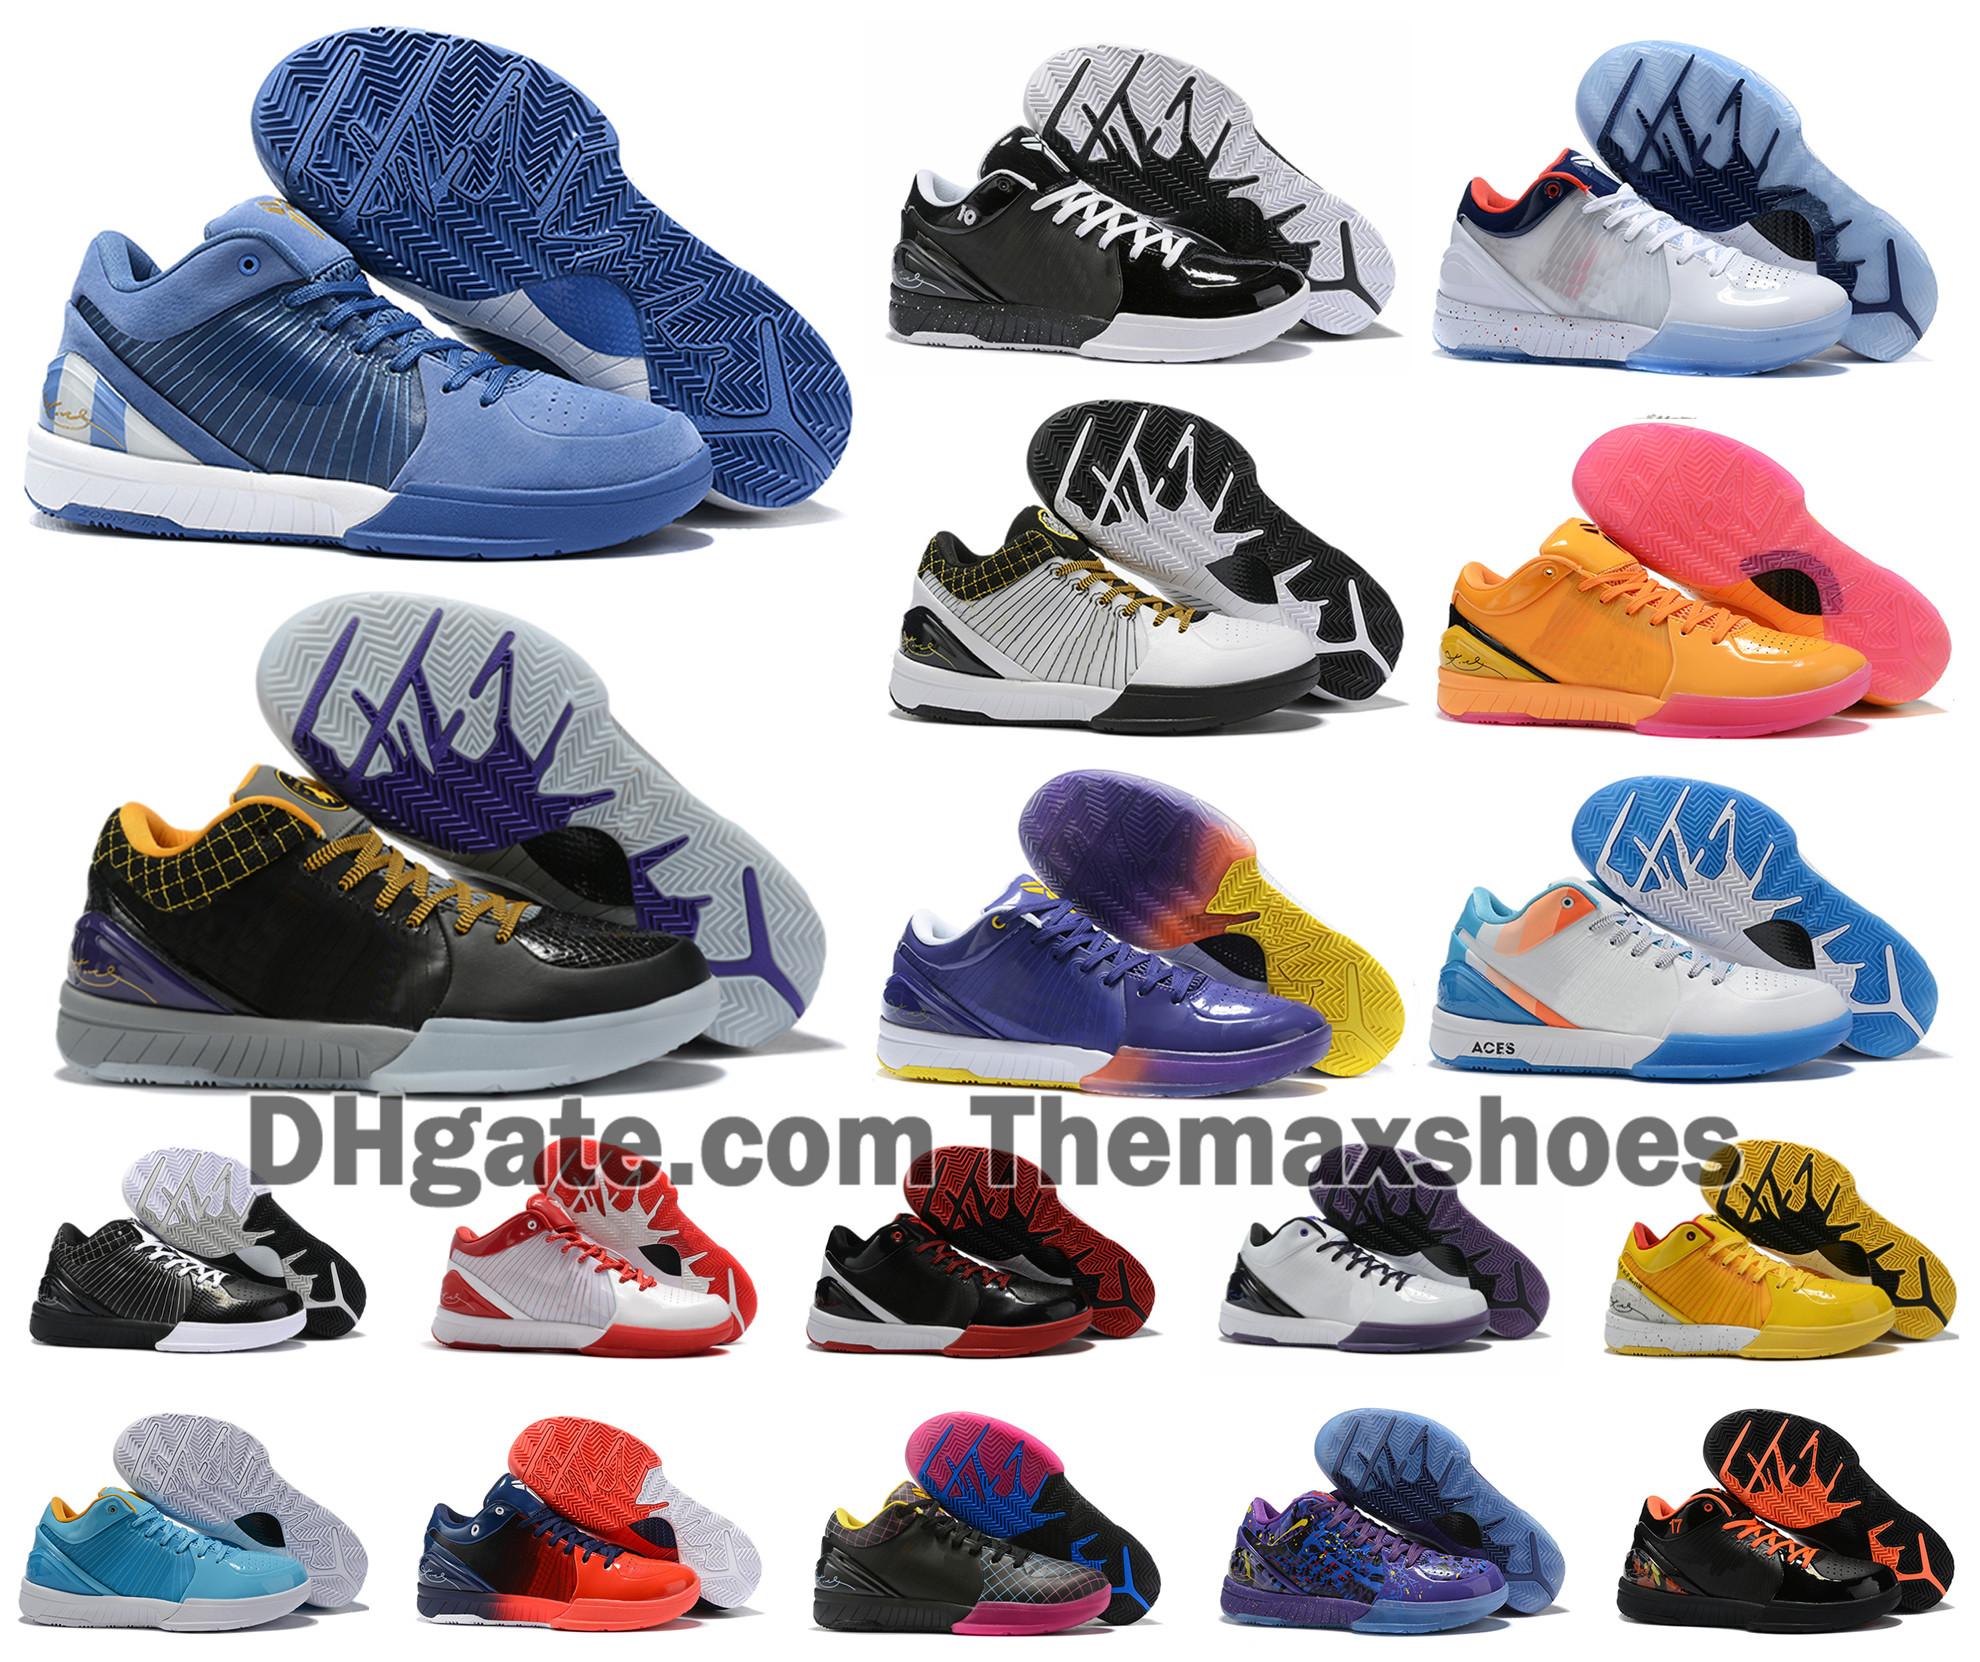 Hot Zoom Protro IV 4 KB Bryants le jour du repêchage Hornets Carpe Diem Del Sol Sport Basketball Chaussures Hommes ZK4 de Sneakers Taille de US7 12